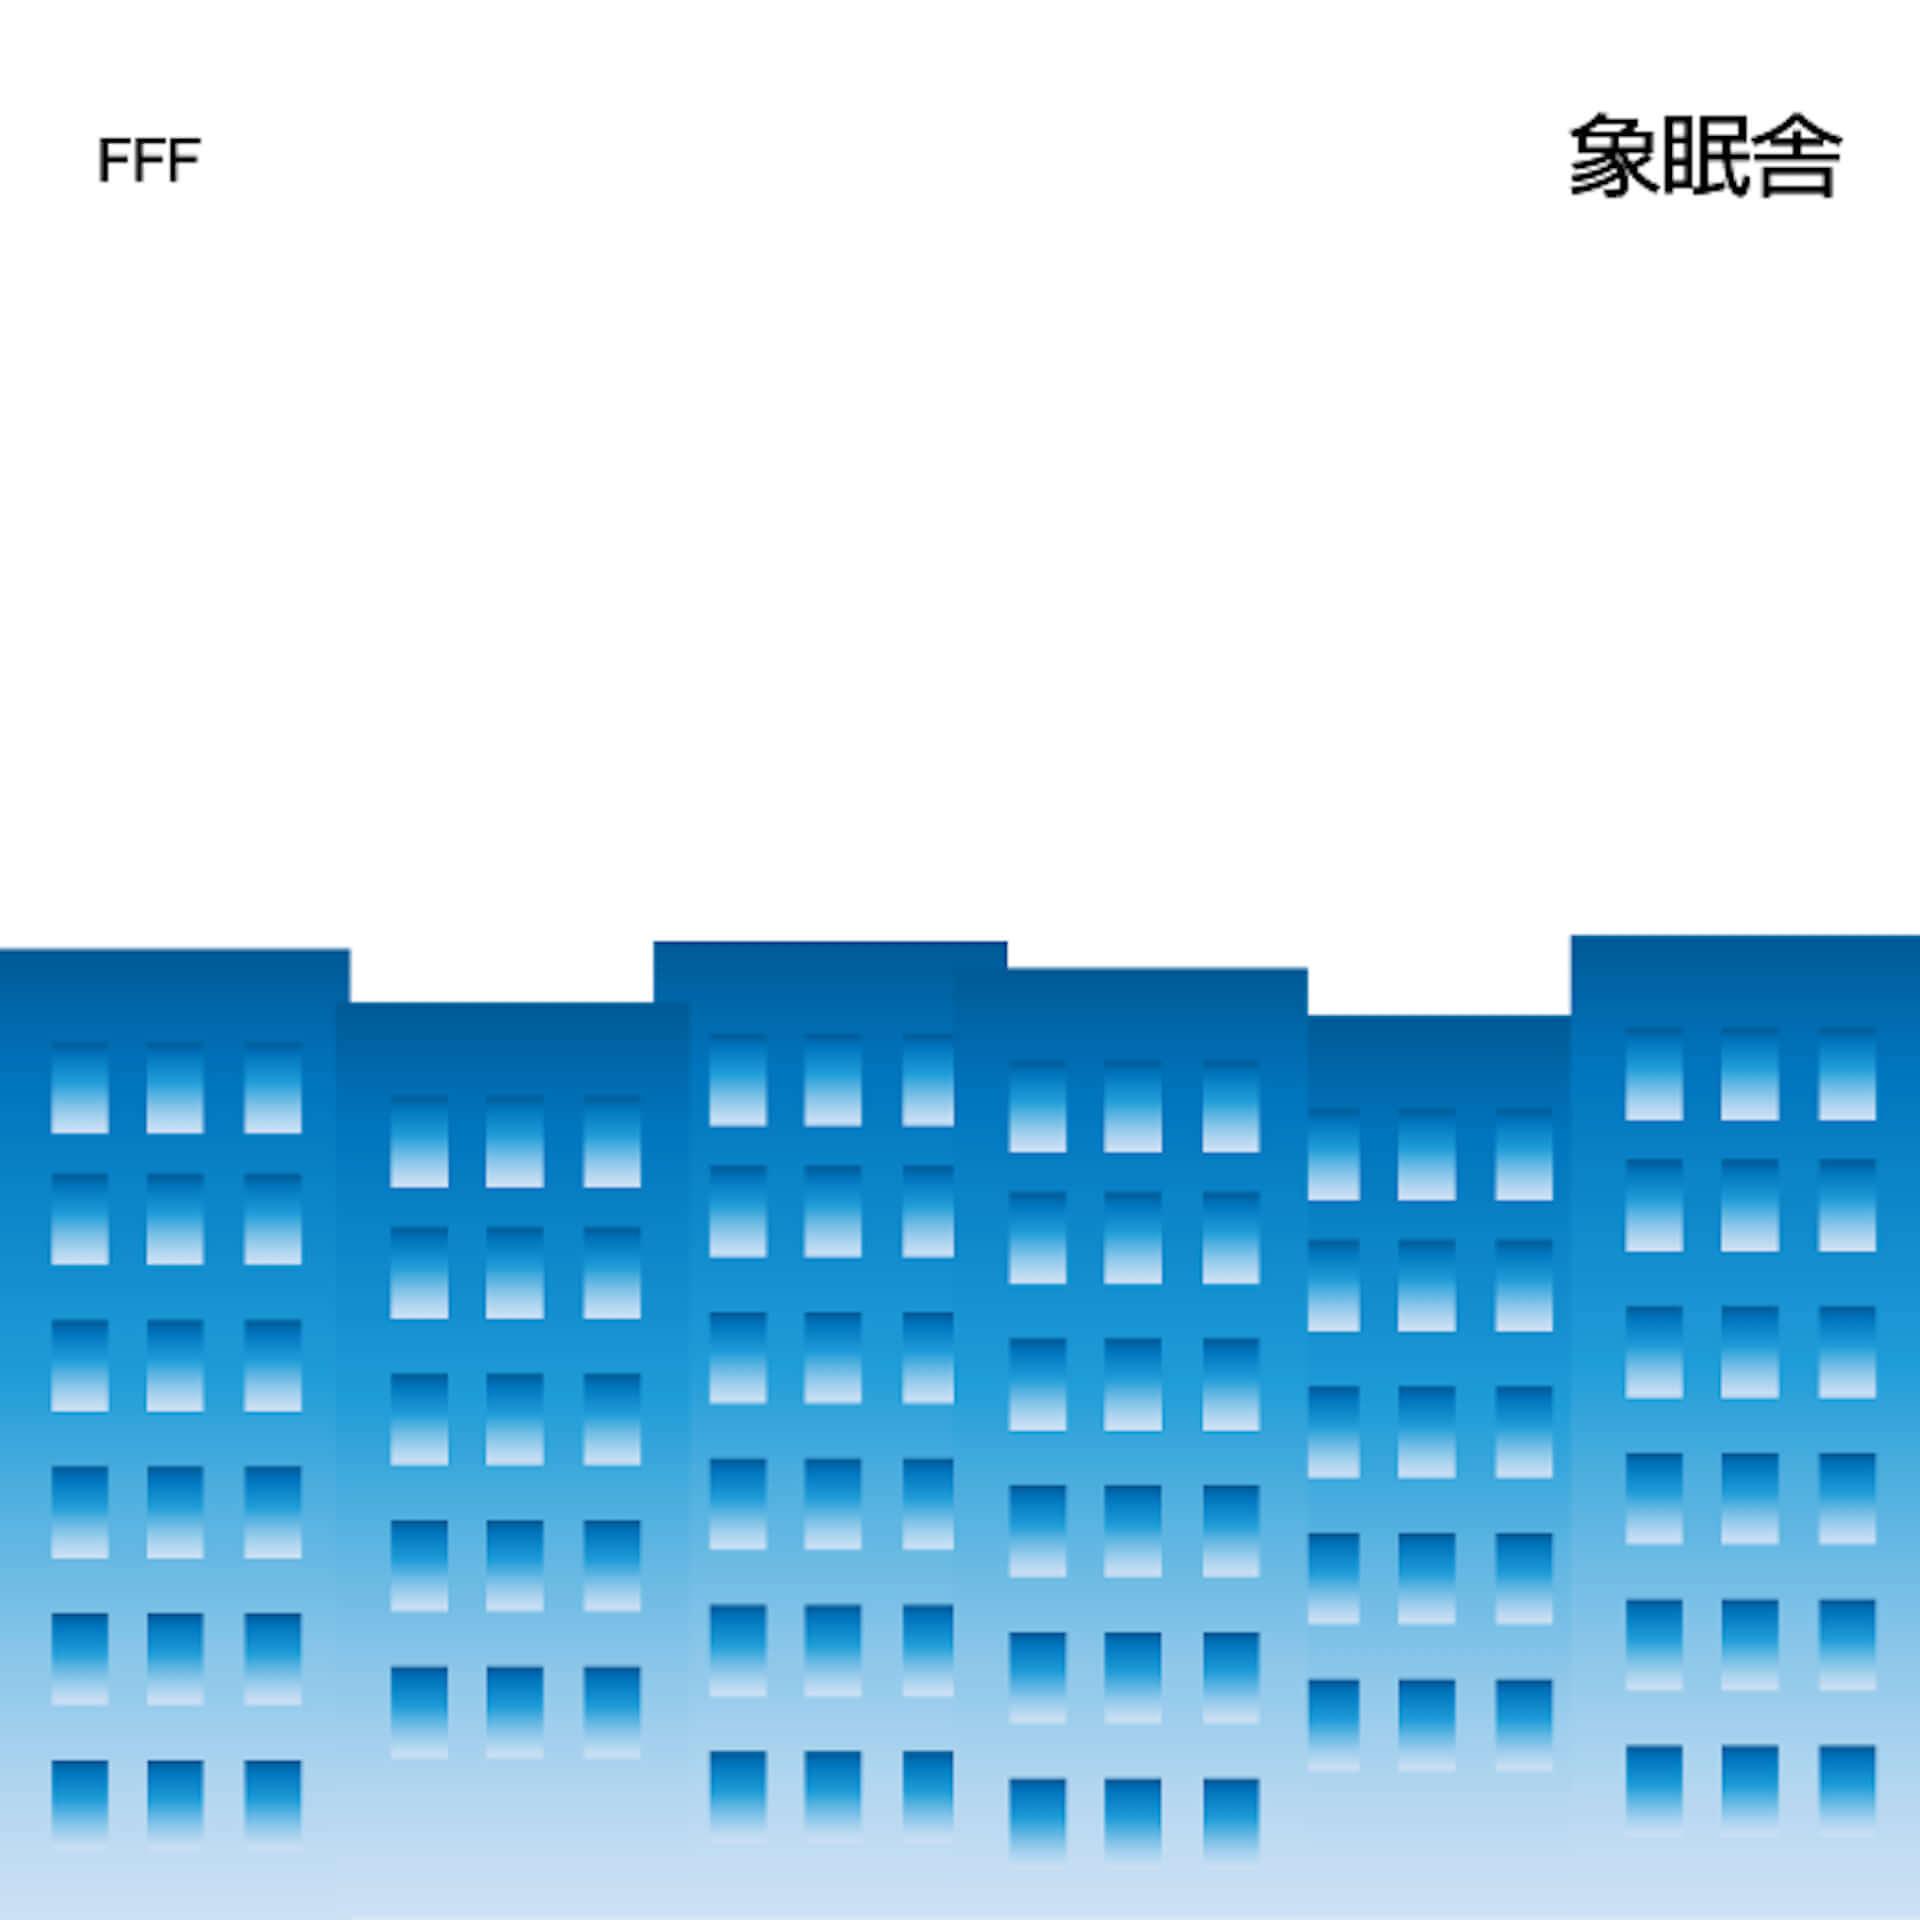 """象眠舎がSIRUP、吉田沙良を迎えた新曲""""FFF""""を本日リリース!3名のコメントも到着 music210127_zoominsha_1-1920x1920"""